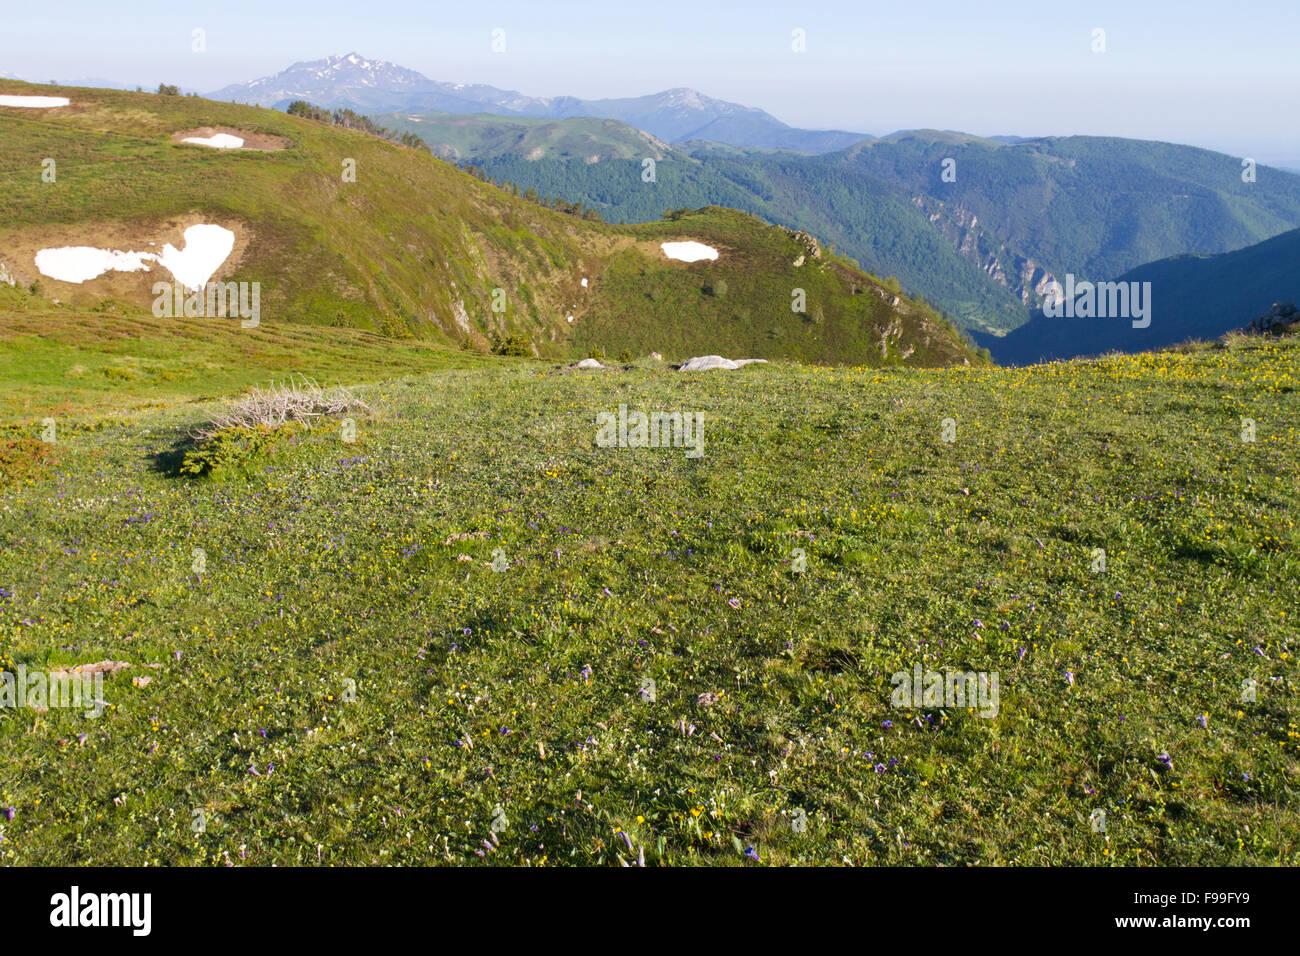 Habitat - Alpine pasture with flowering Gentians (Gentiana sp.). Col de Pailhères, Ariege Pyrenees, France. - Stock Image